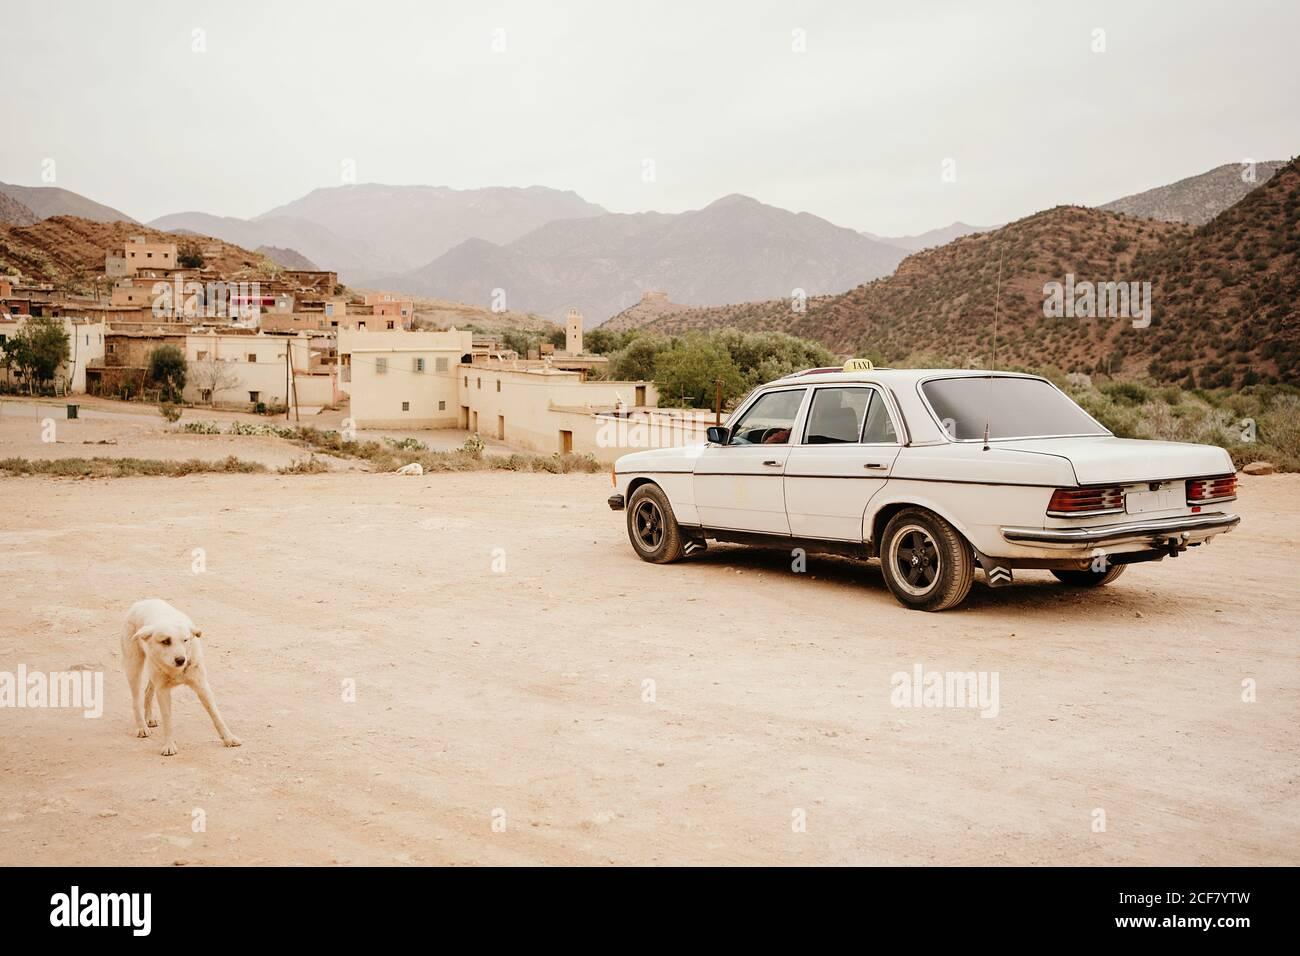 Un taxi blanco aparcado en una calle de tierra con un perro parado cerca En el barrio pobre de la ciudad de Marrakech con pequeñas casas de piedra situado en tierra montañosa Foto de stock